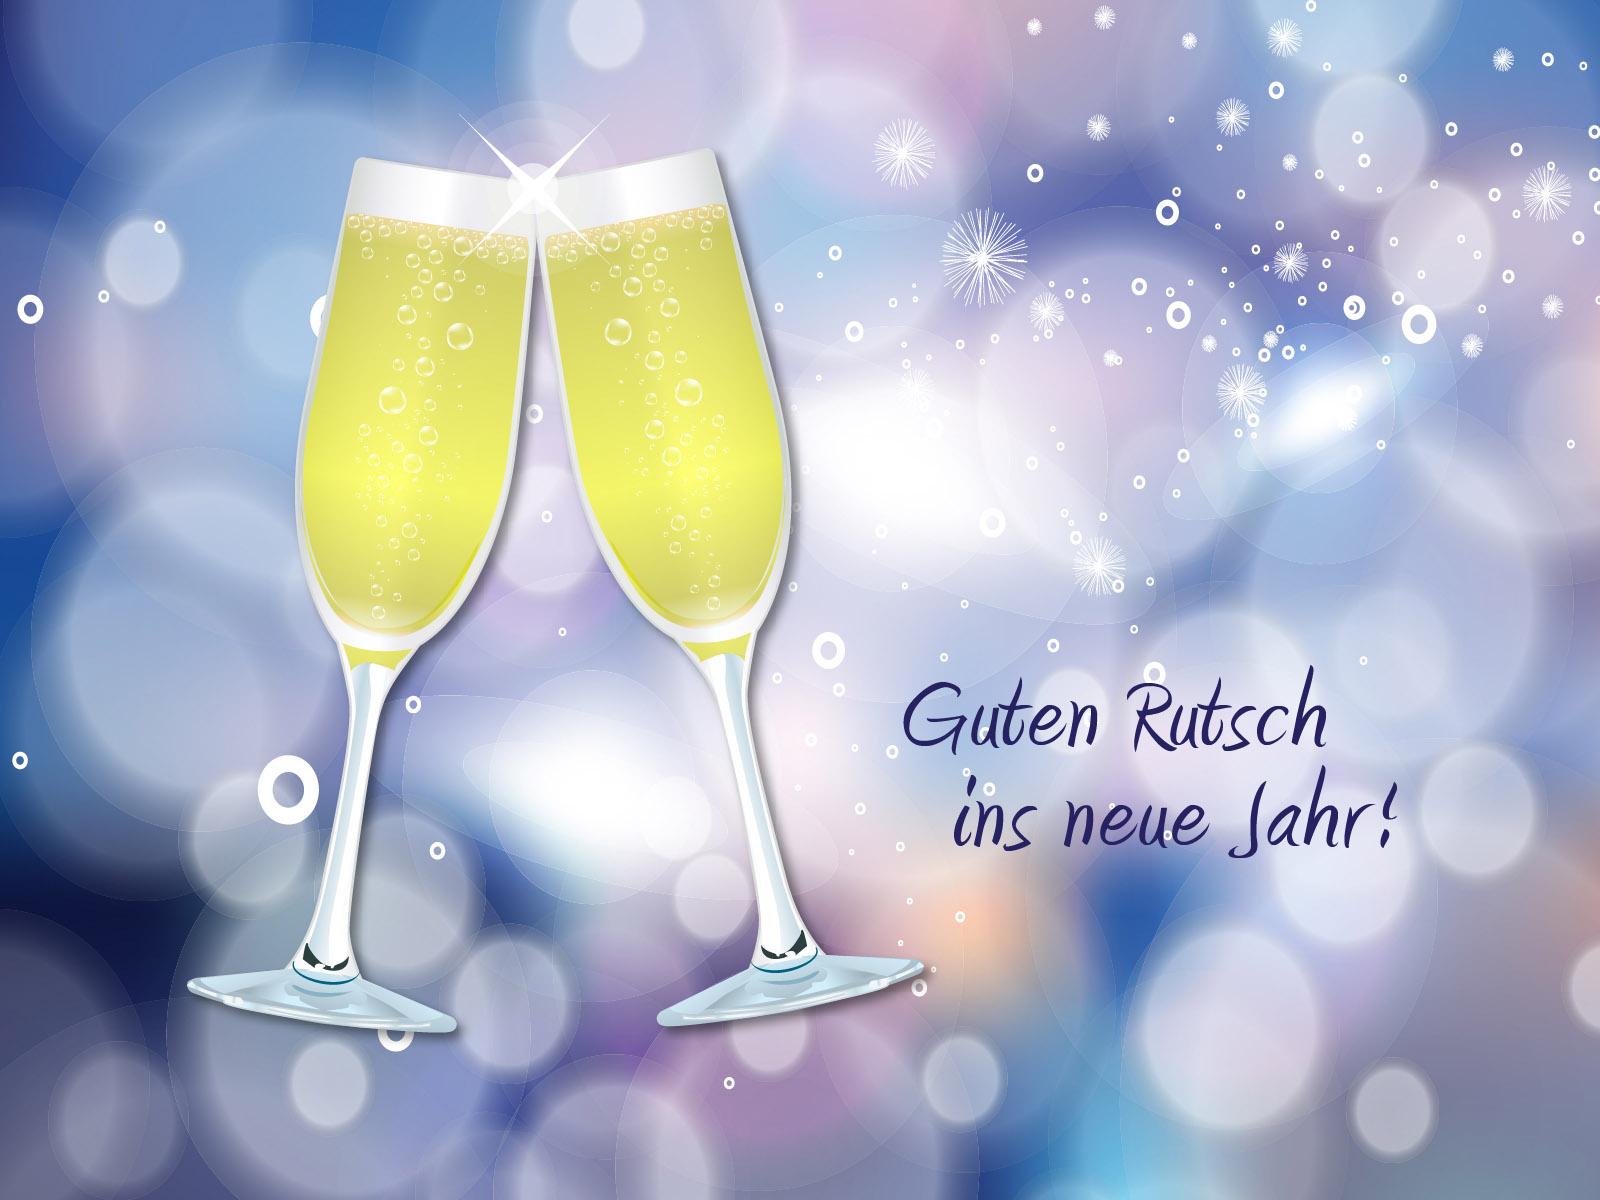 Guten Rutsch ins neue Jahr! - Kostenlose Neujahrsbilder ...